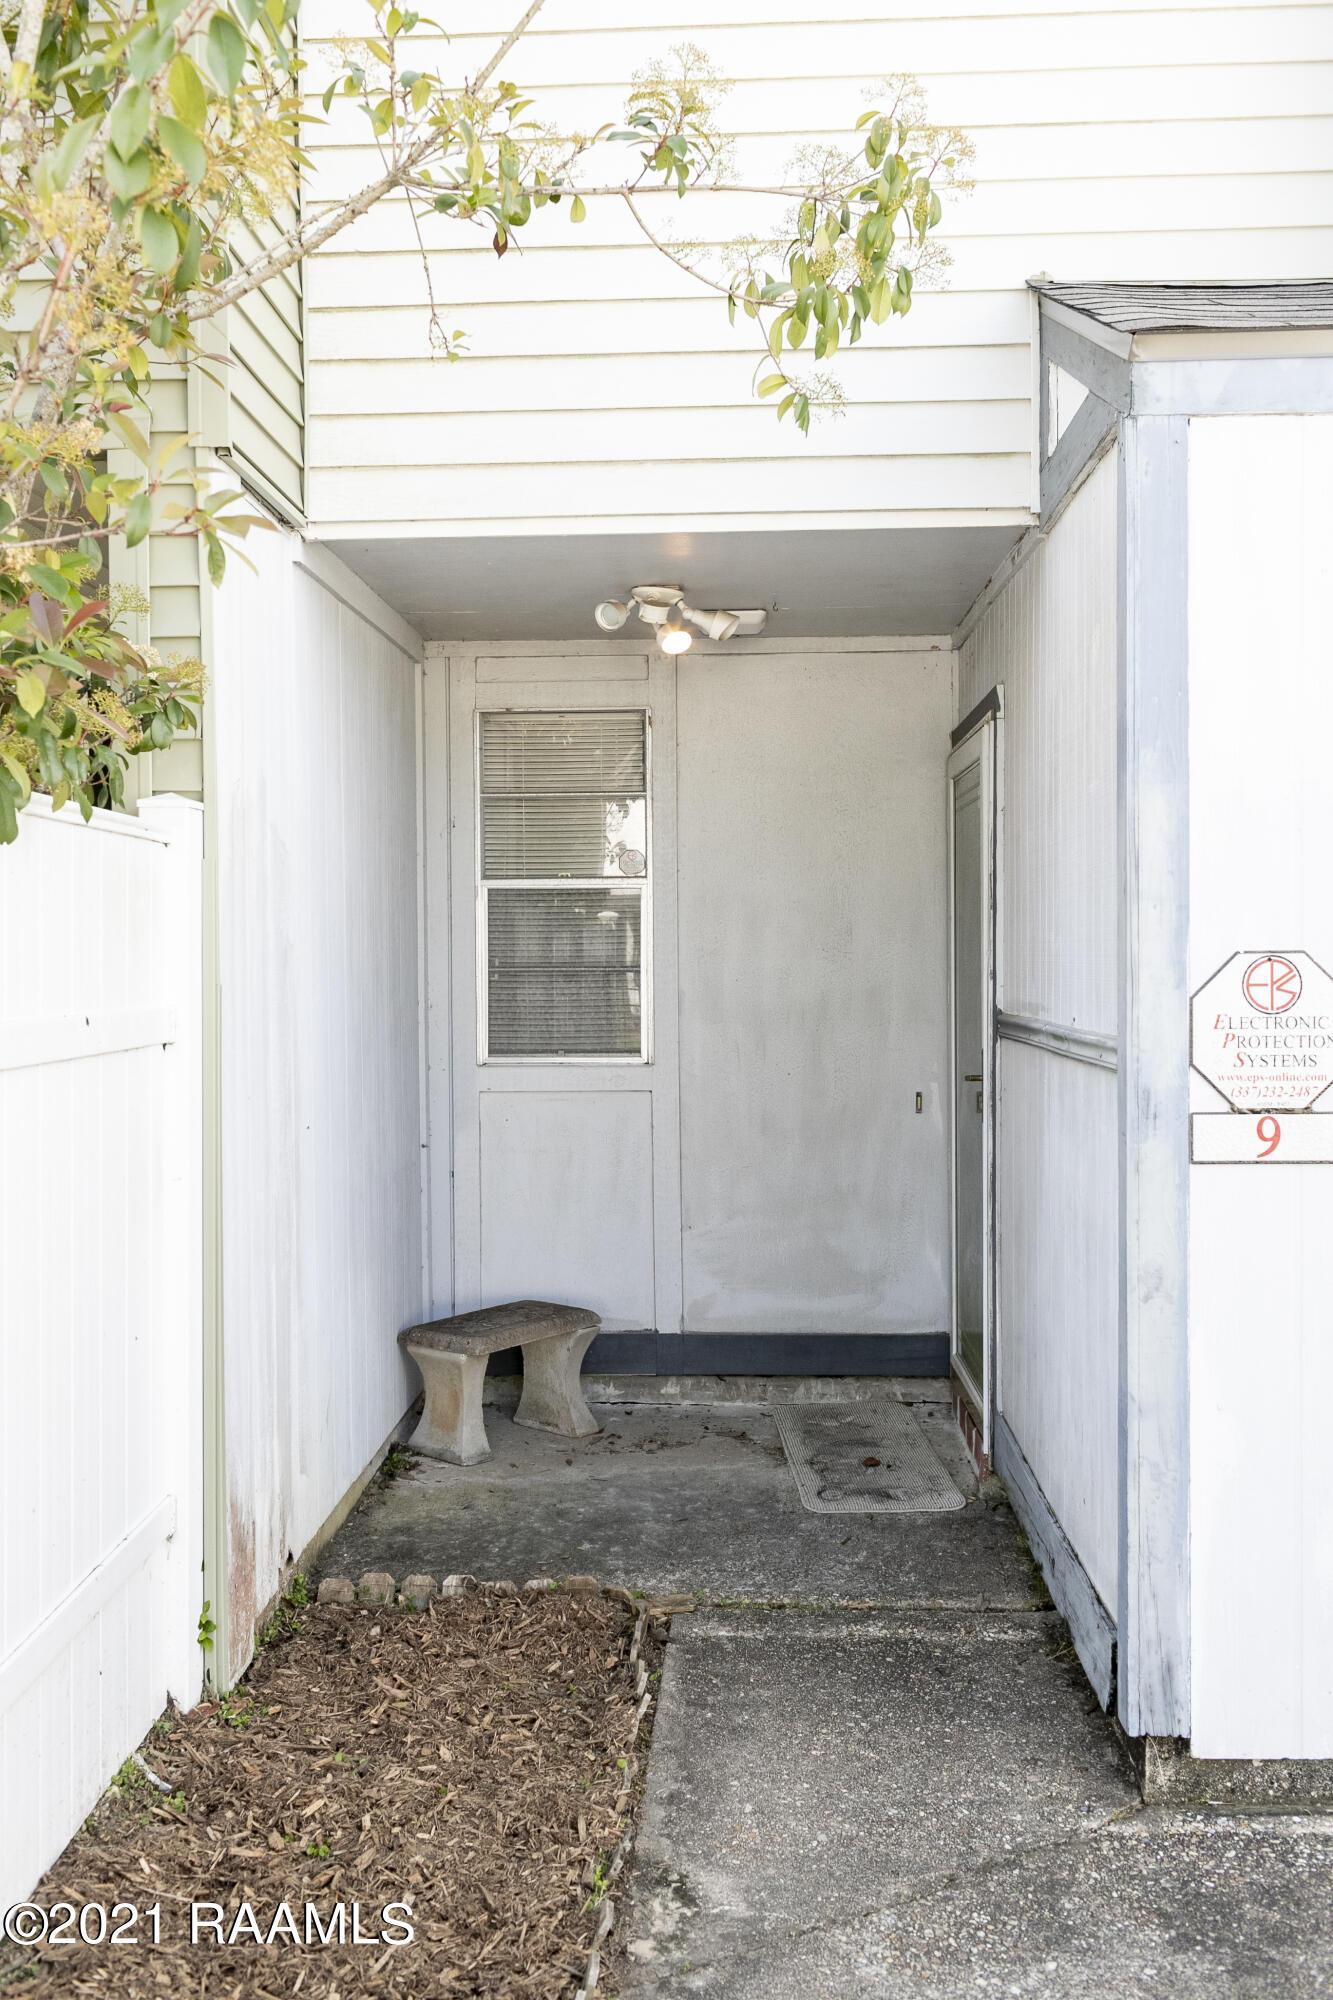 9 Columbine #9, Lafayette, LA 70507 Photo #10